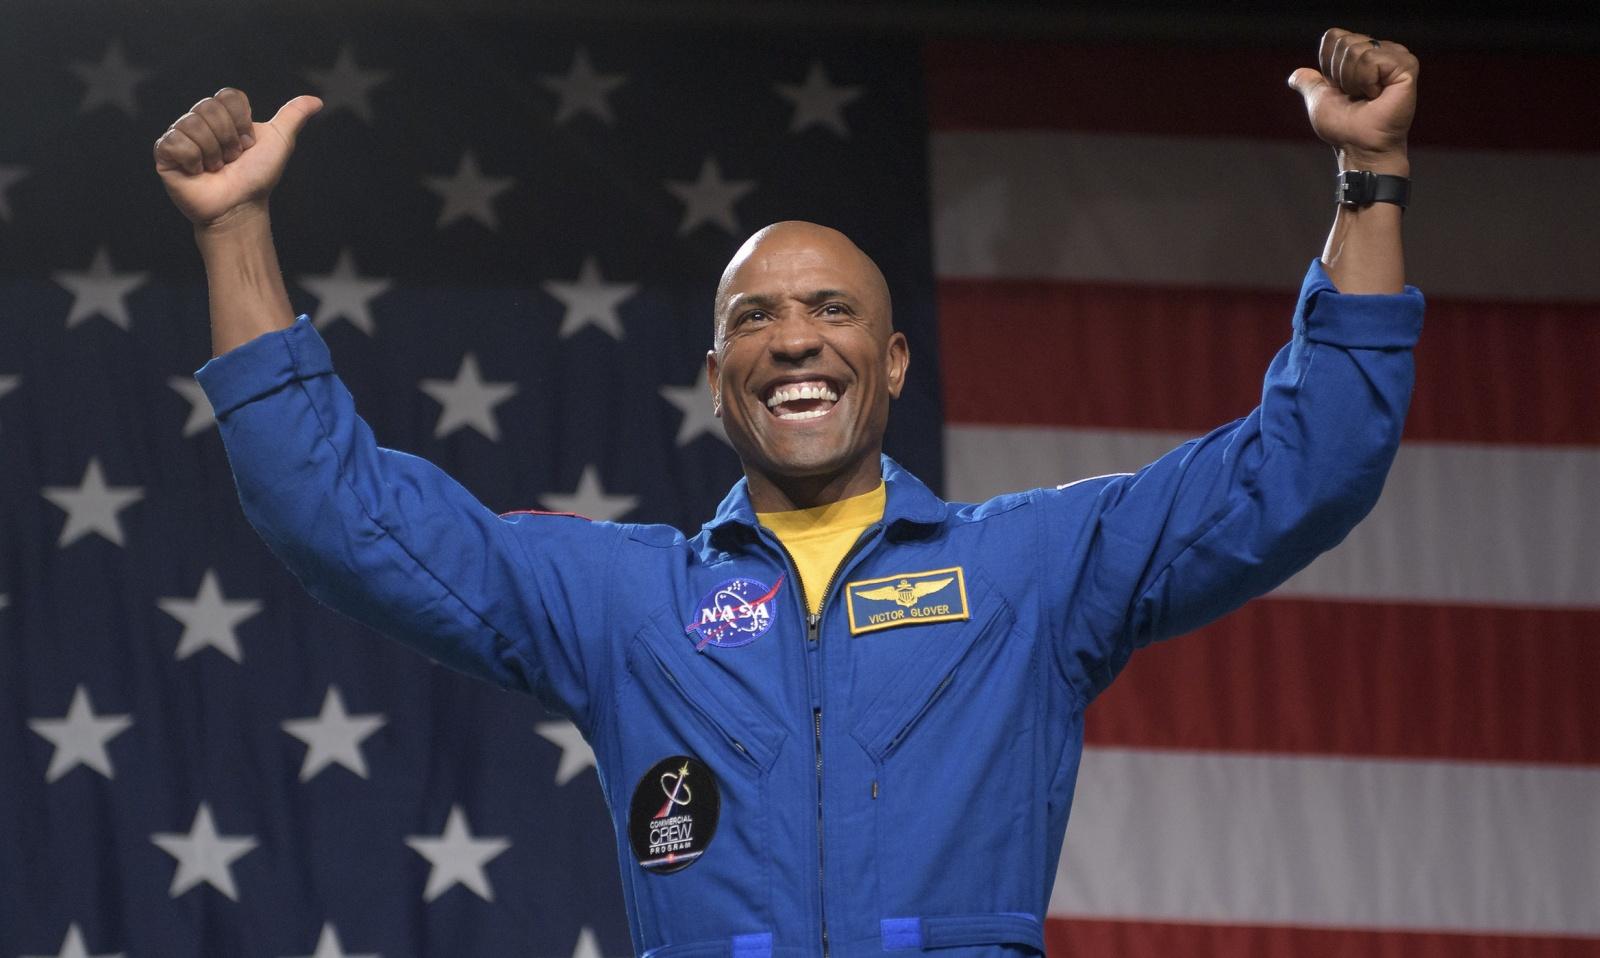 Сформированы экипажи для космических кораблей Boeing и SpaceX - 3